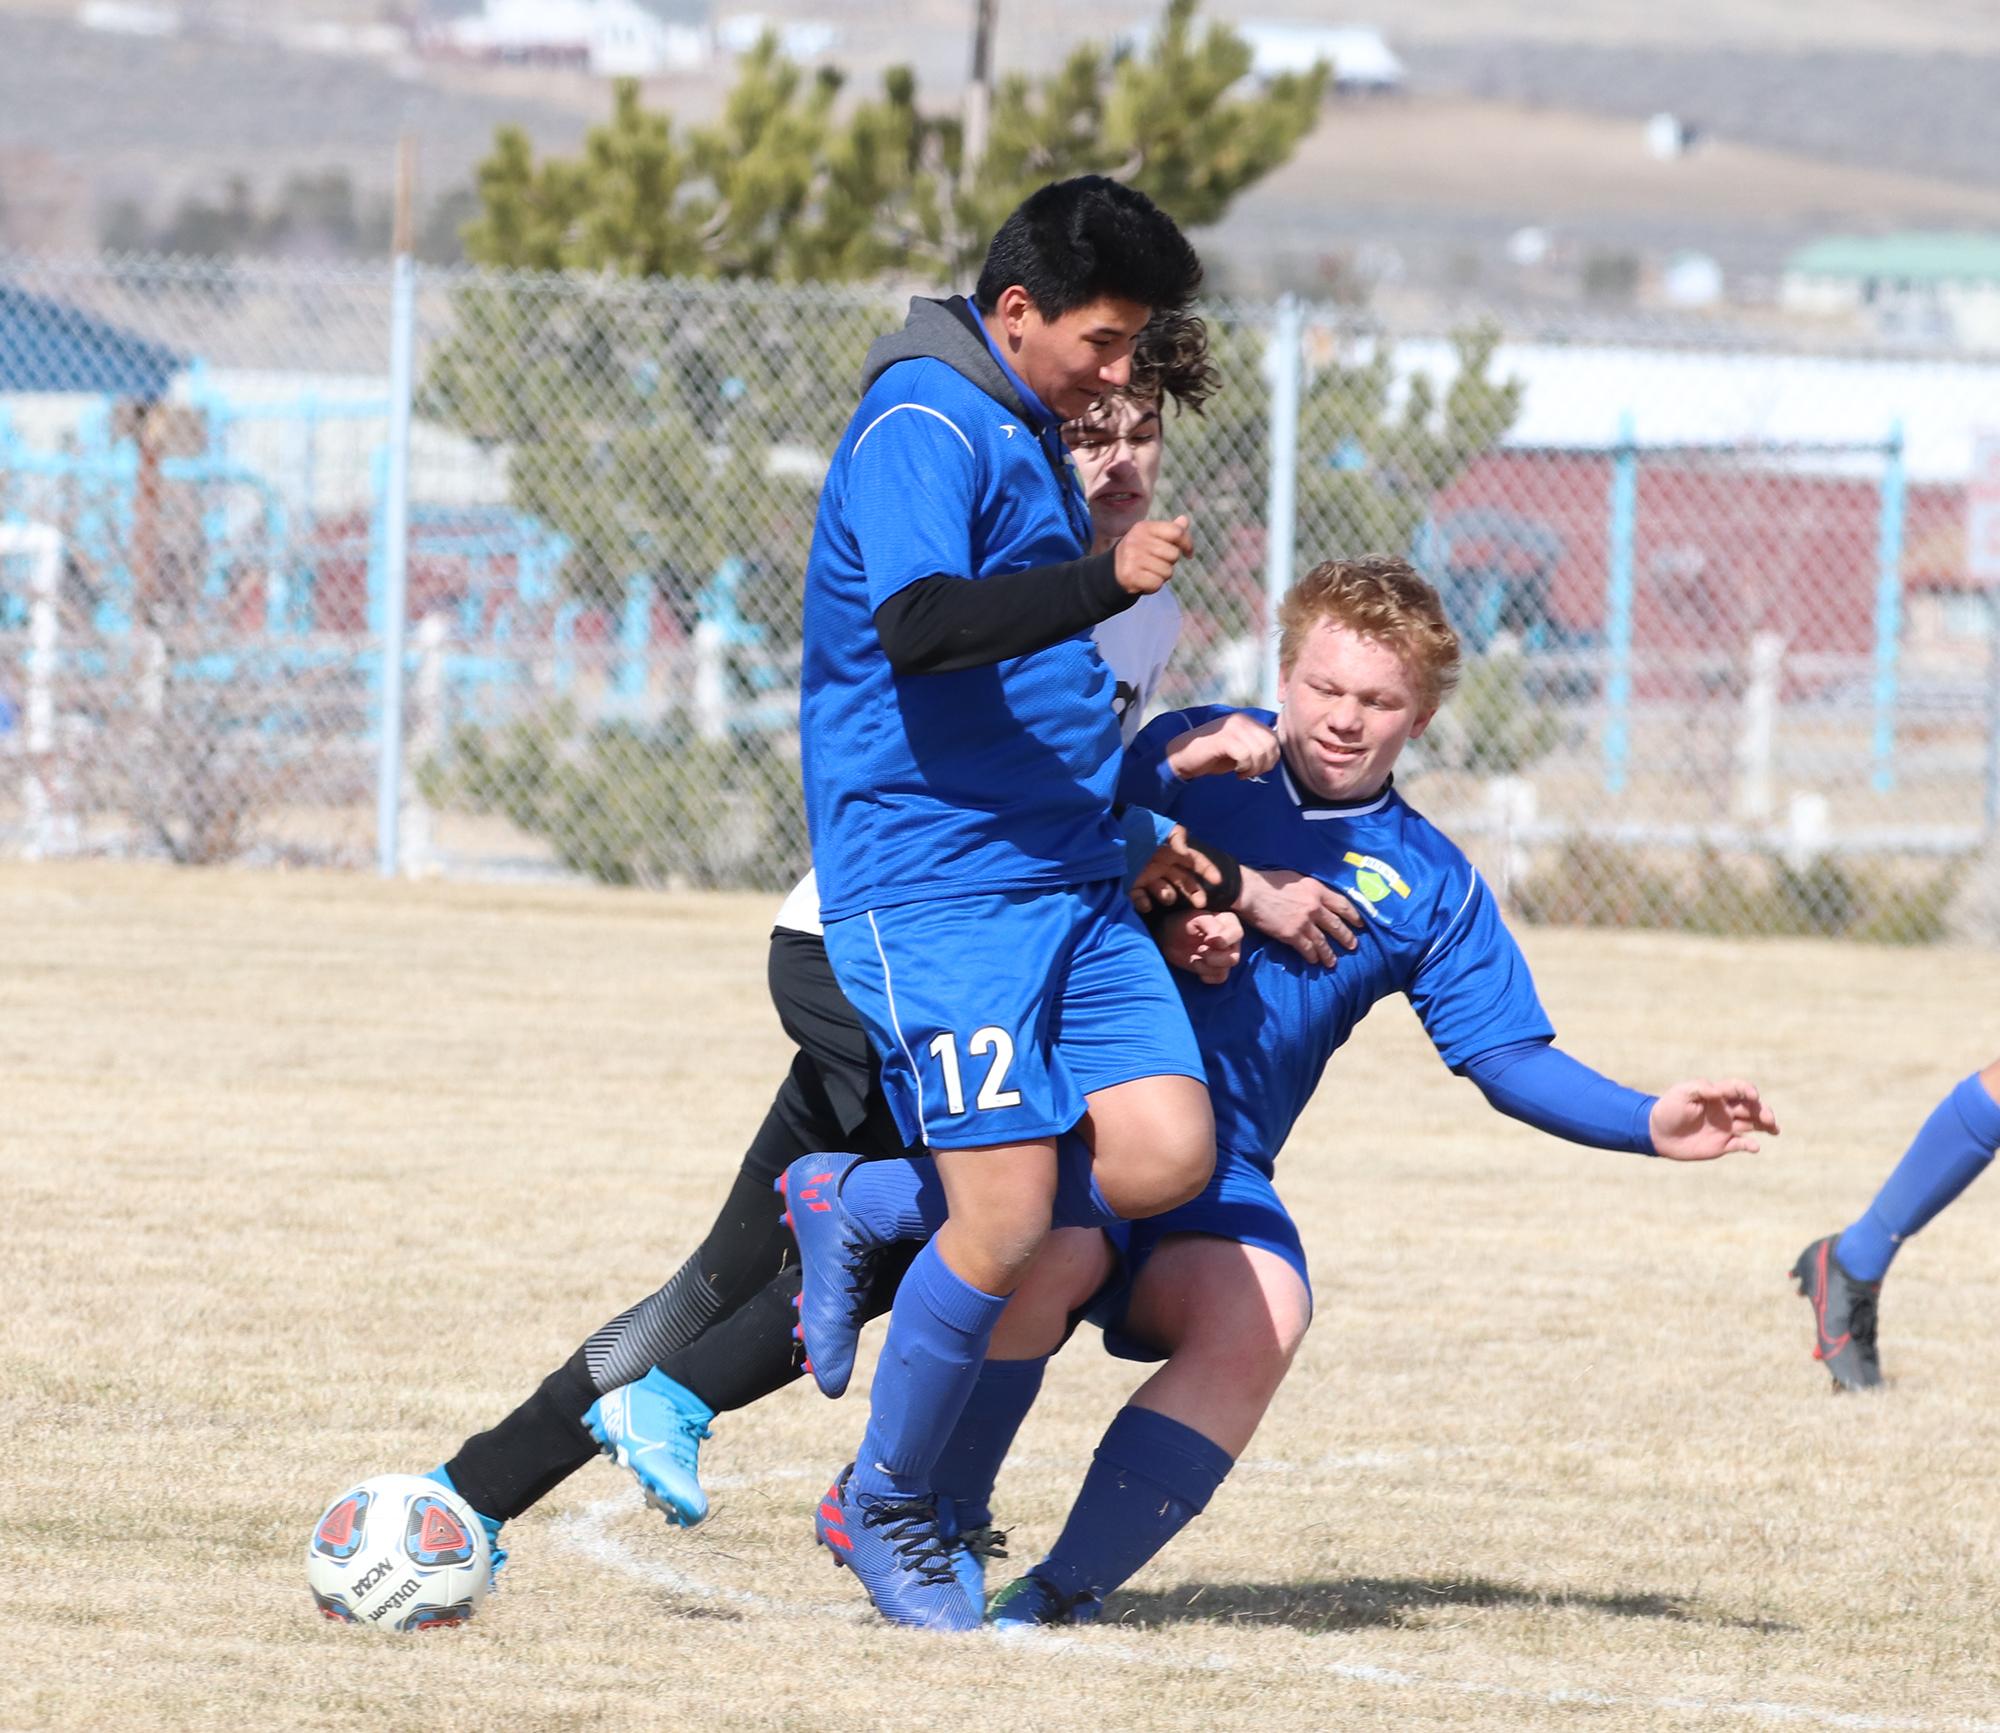 Work hard, play harder; JV boy's soccer